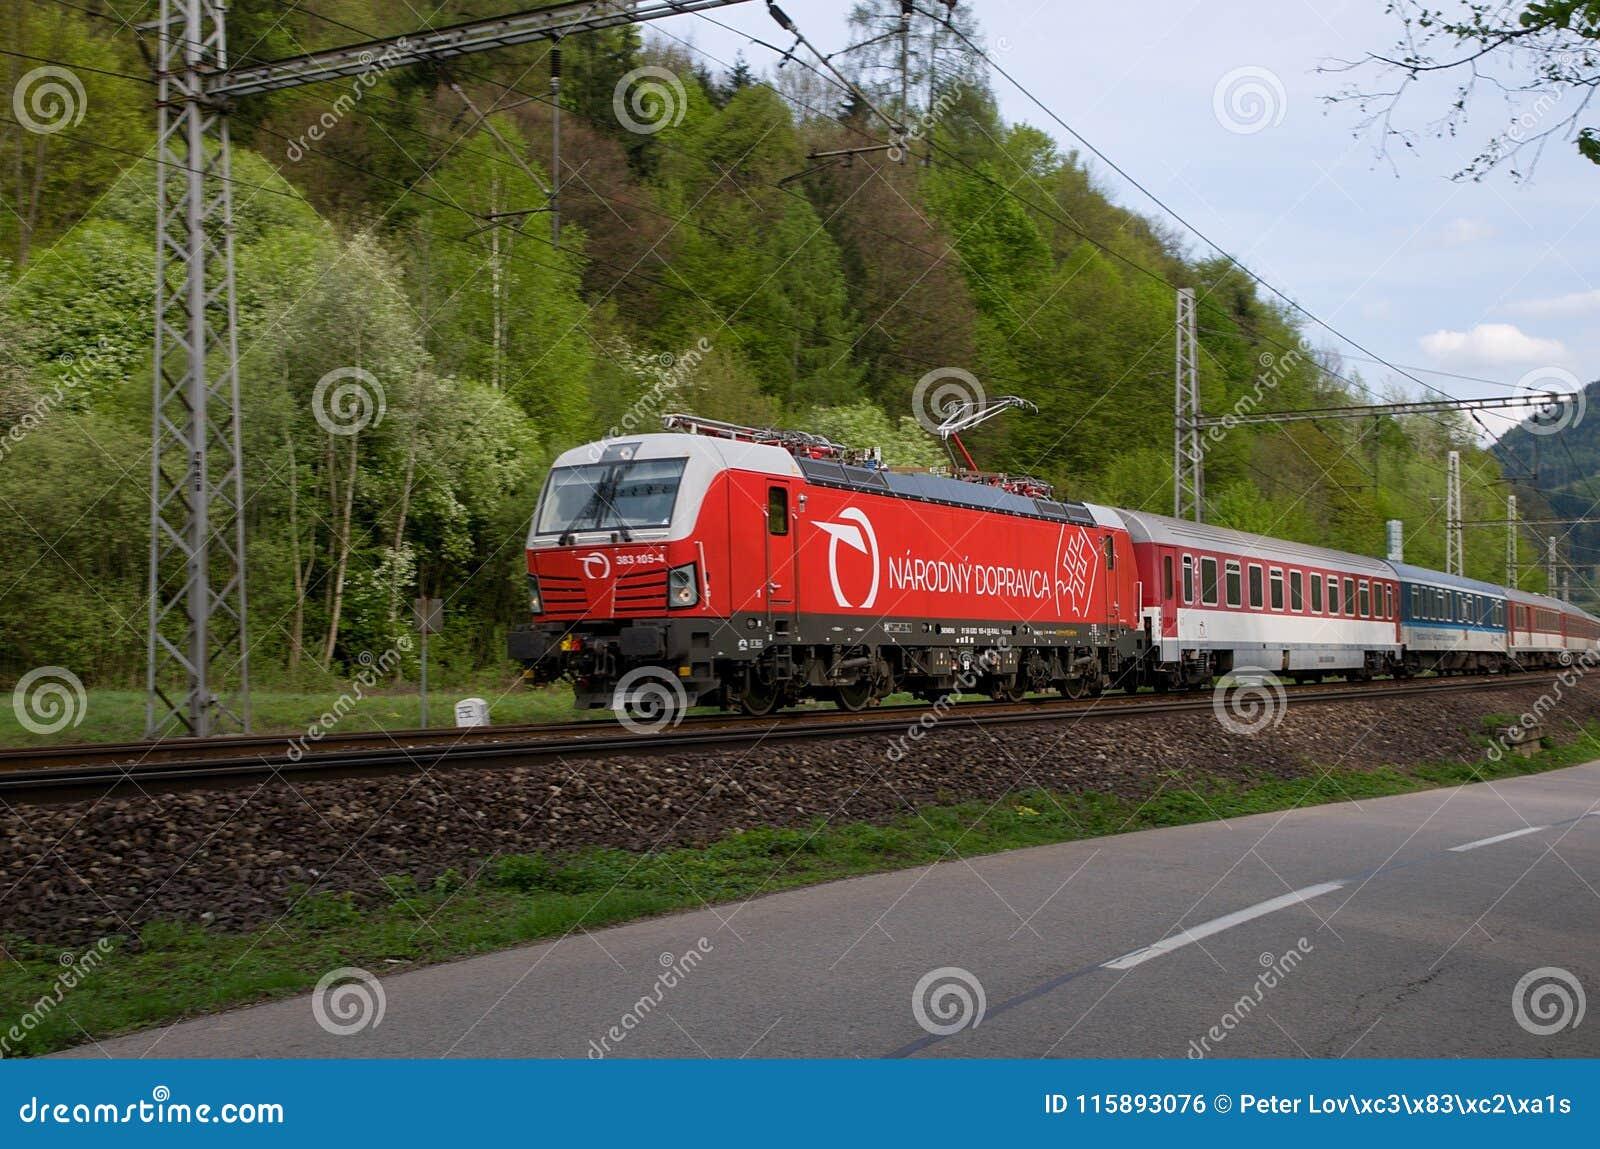 Compañía aérea de bandera de ferrocarriles eslovacos - Siemens locomotor